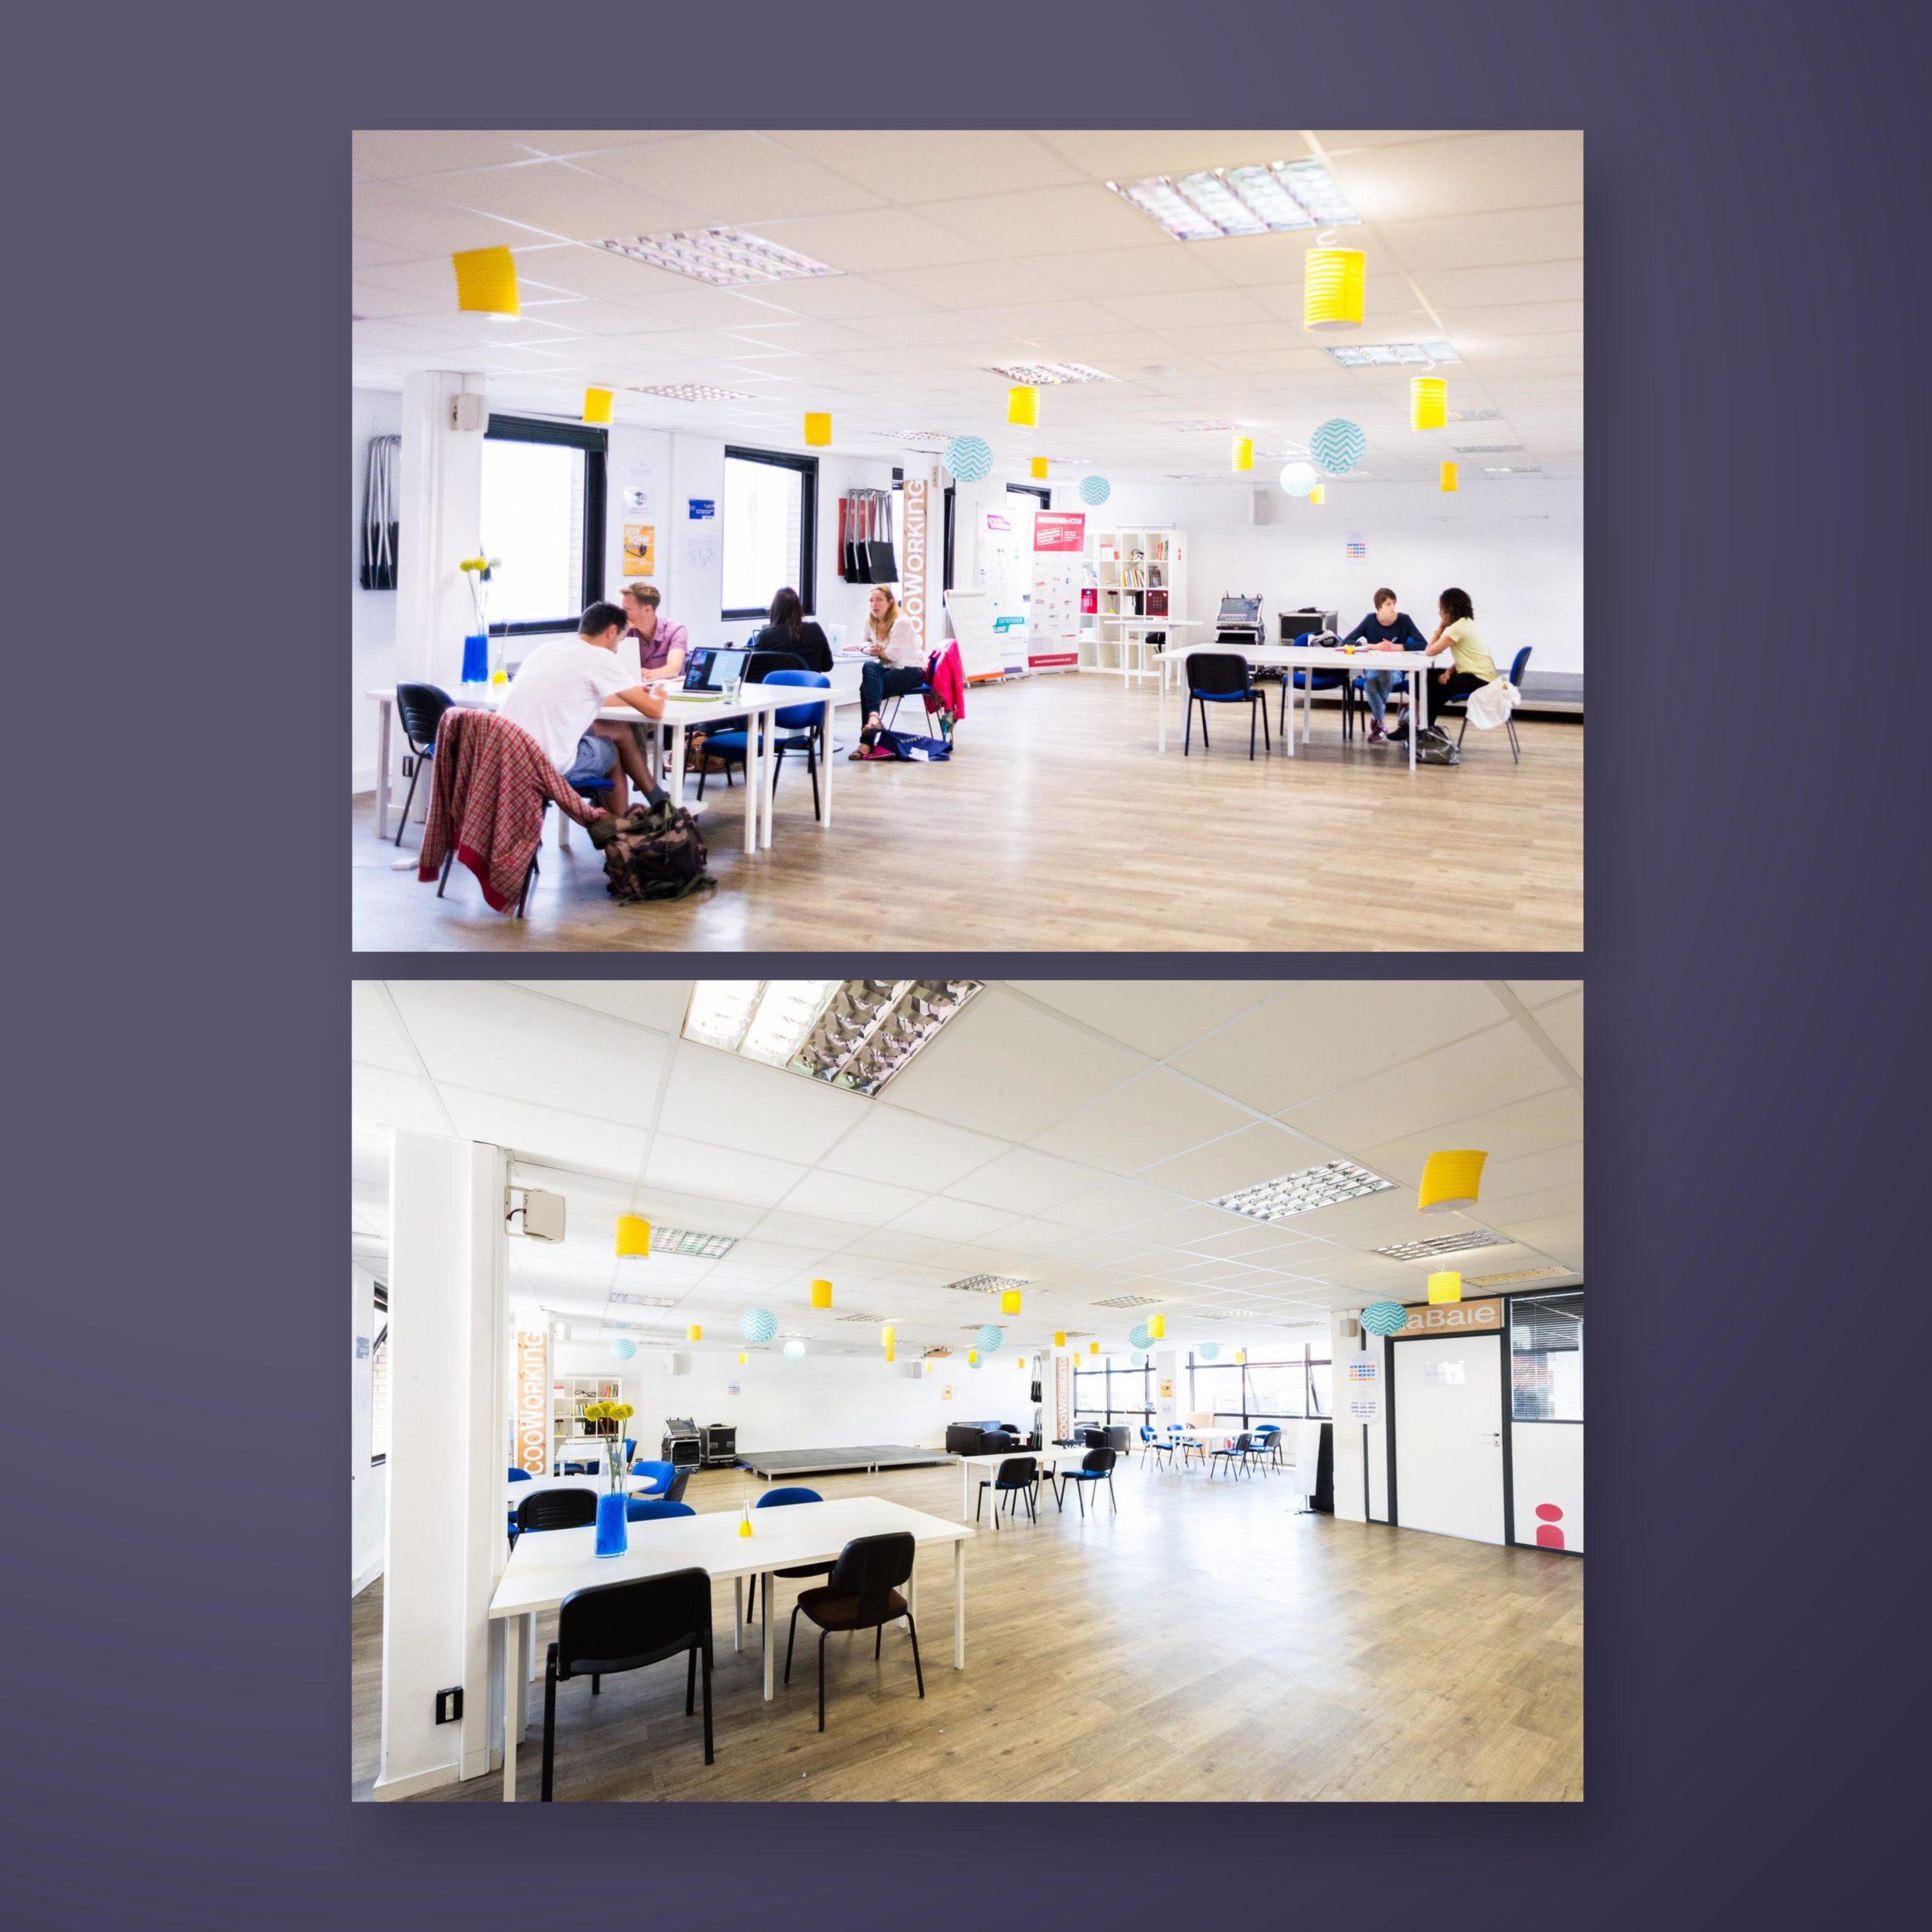 Photographies de l'espace de coworking LaGrappe